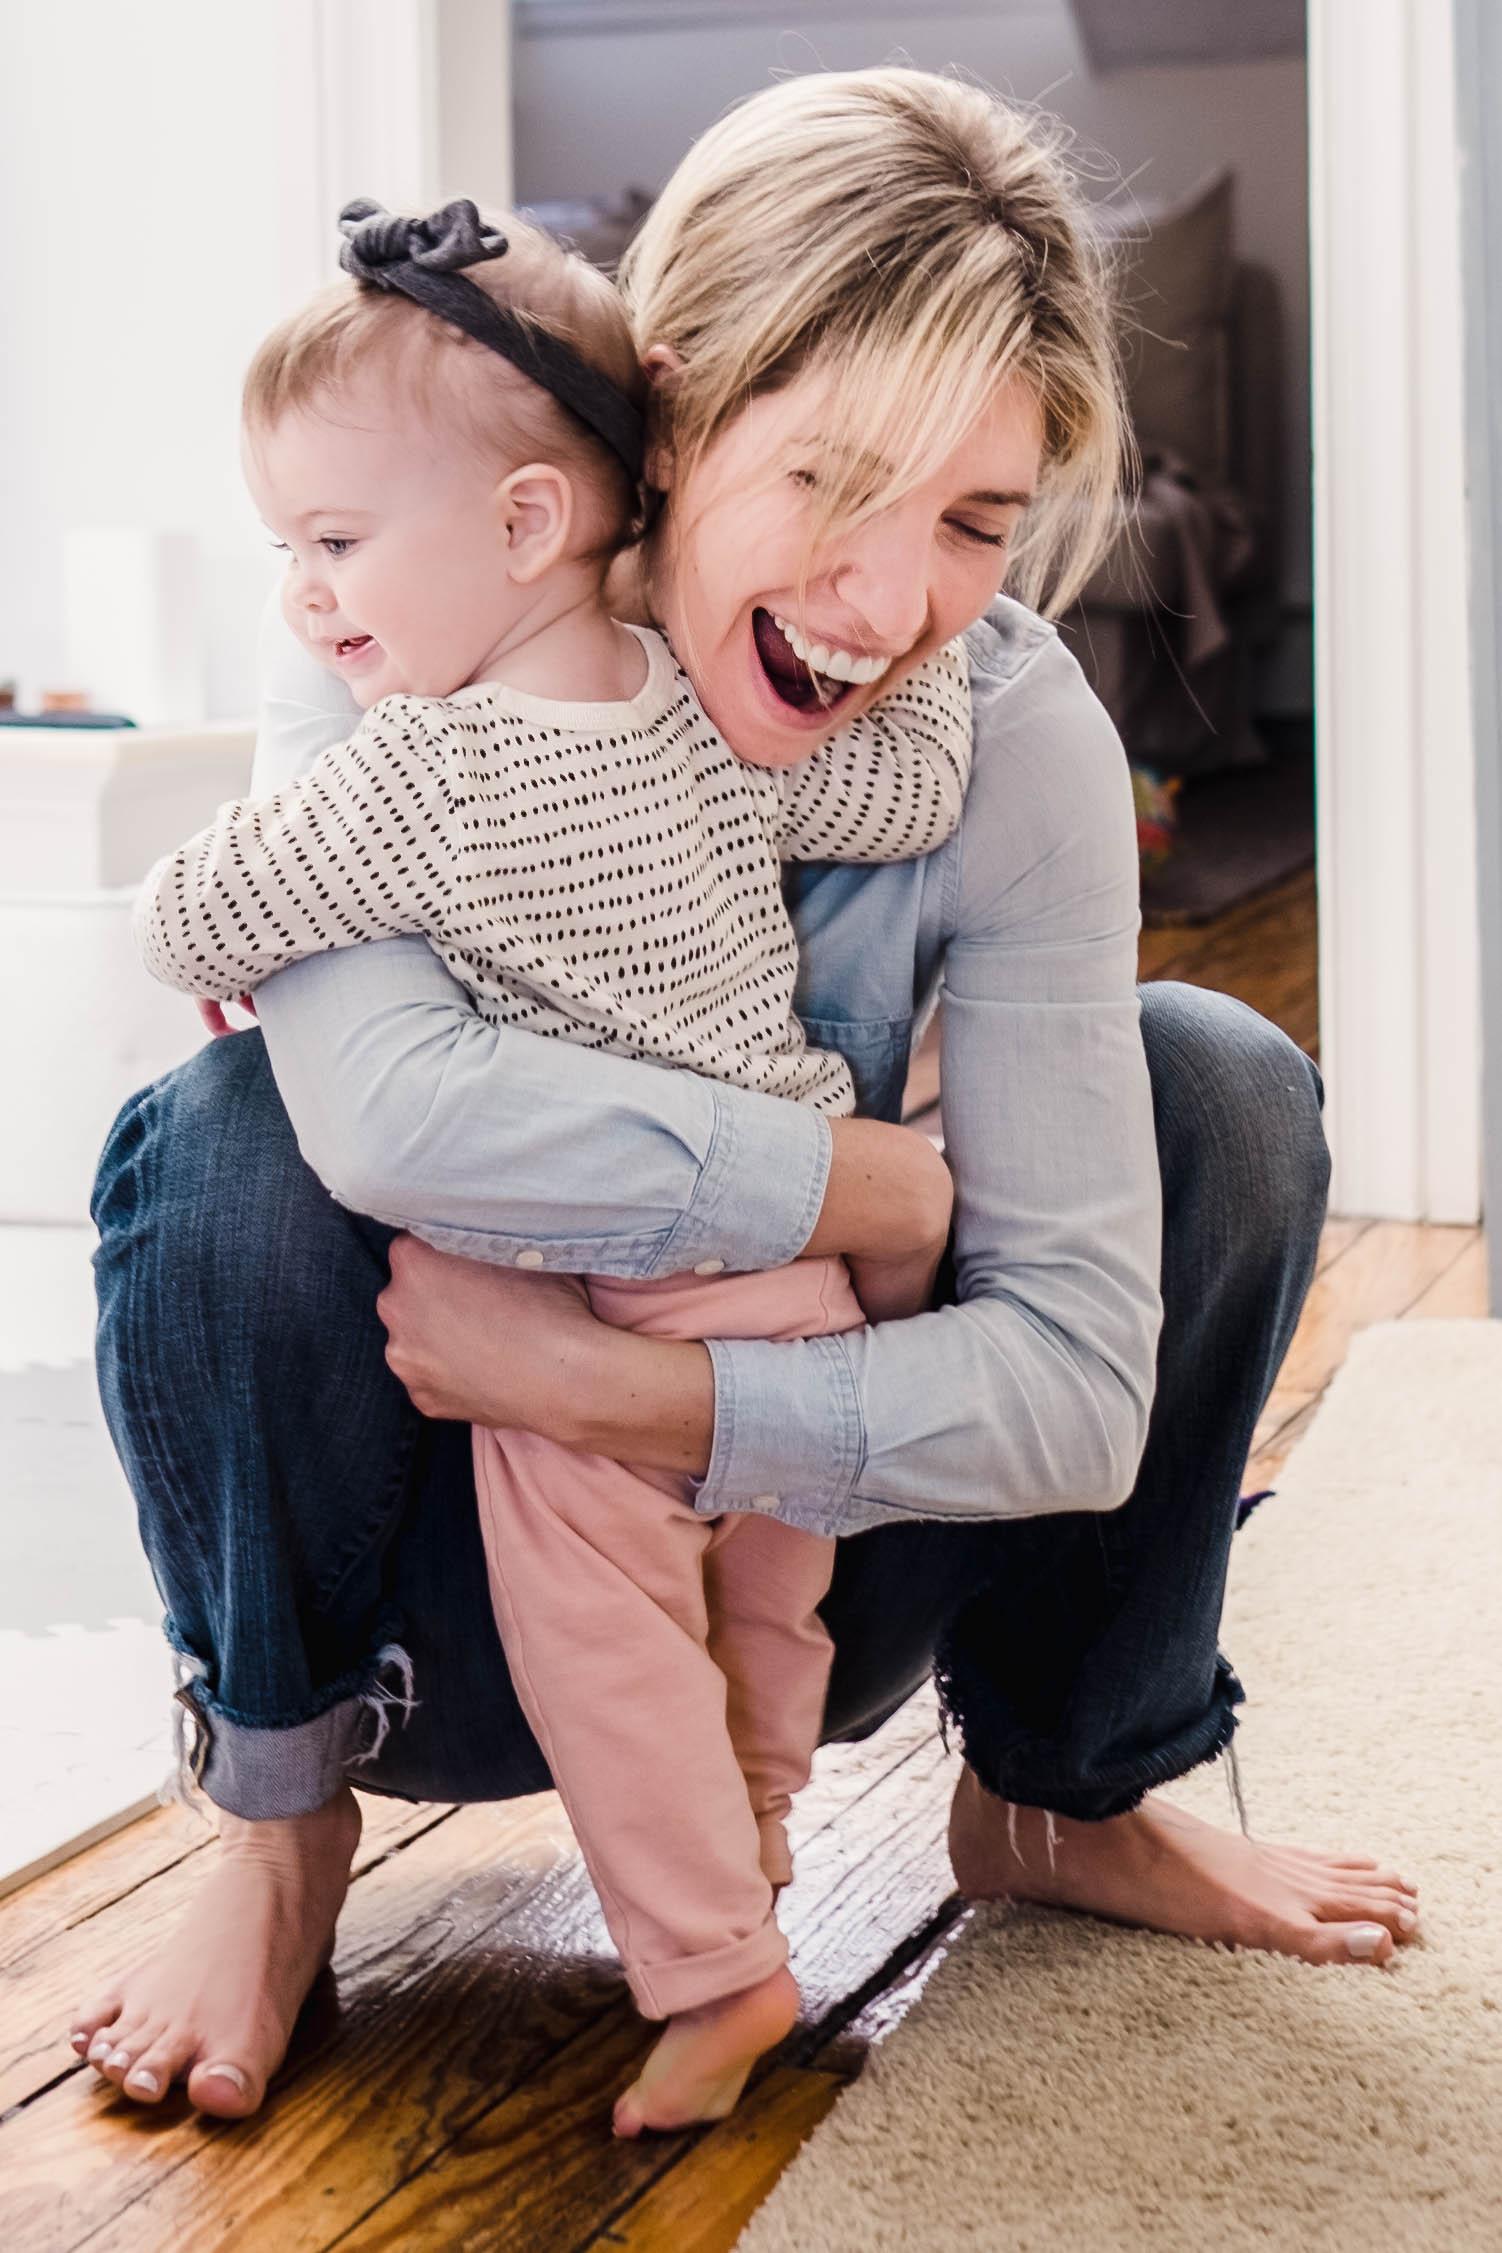 Kristen-Humbert-Family-Photoshoot-Philadelphia_Ruby-James-W-7345.jpg